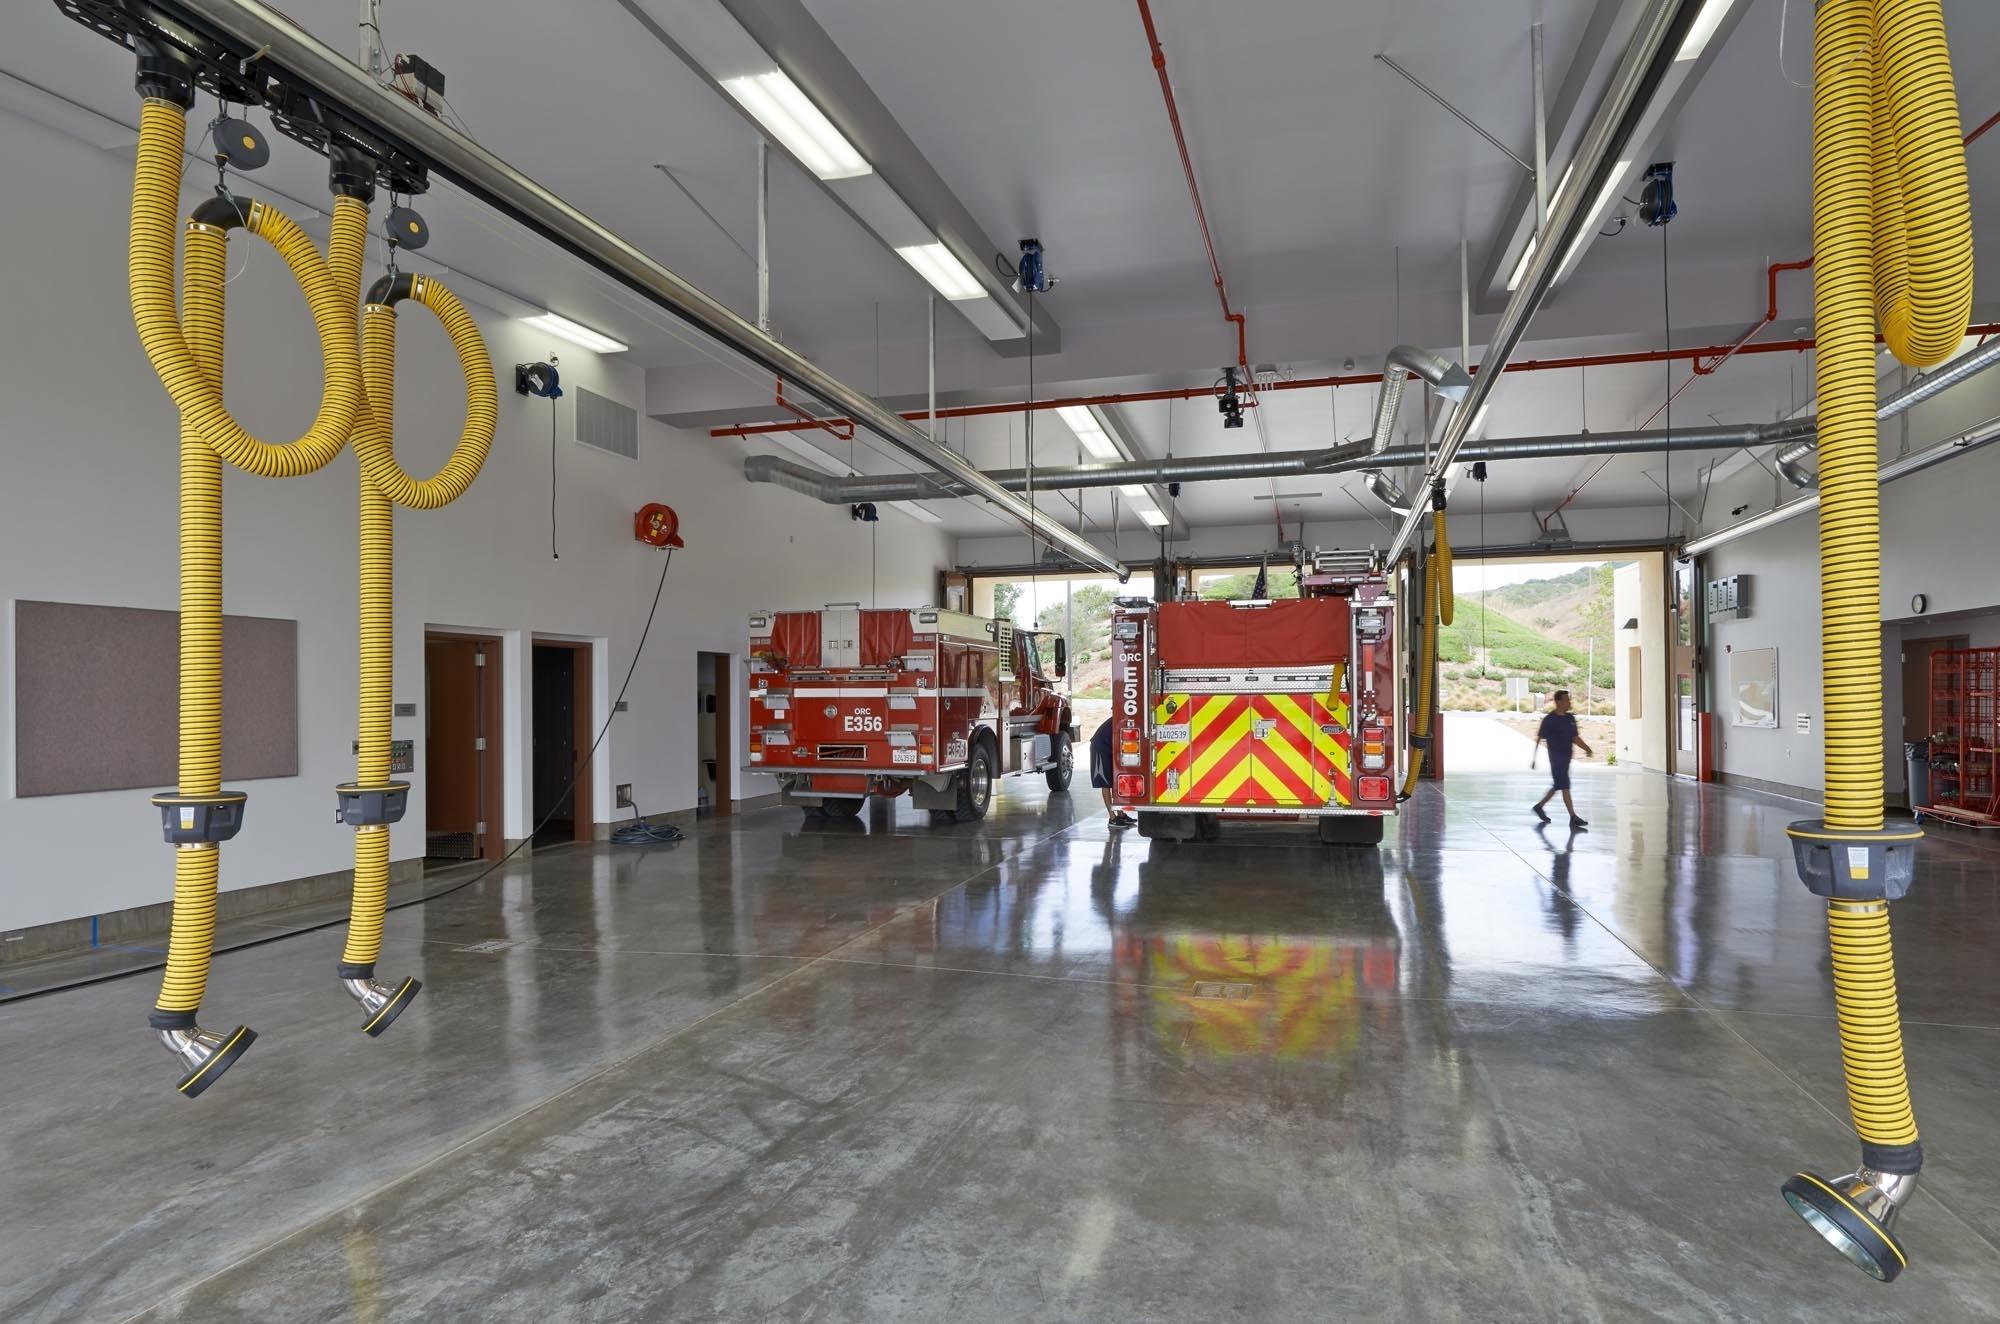 Sendero-Ranch-Firestation-56-02.jpg